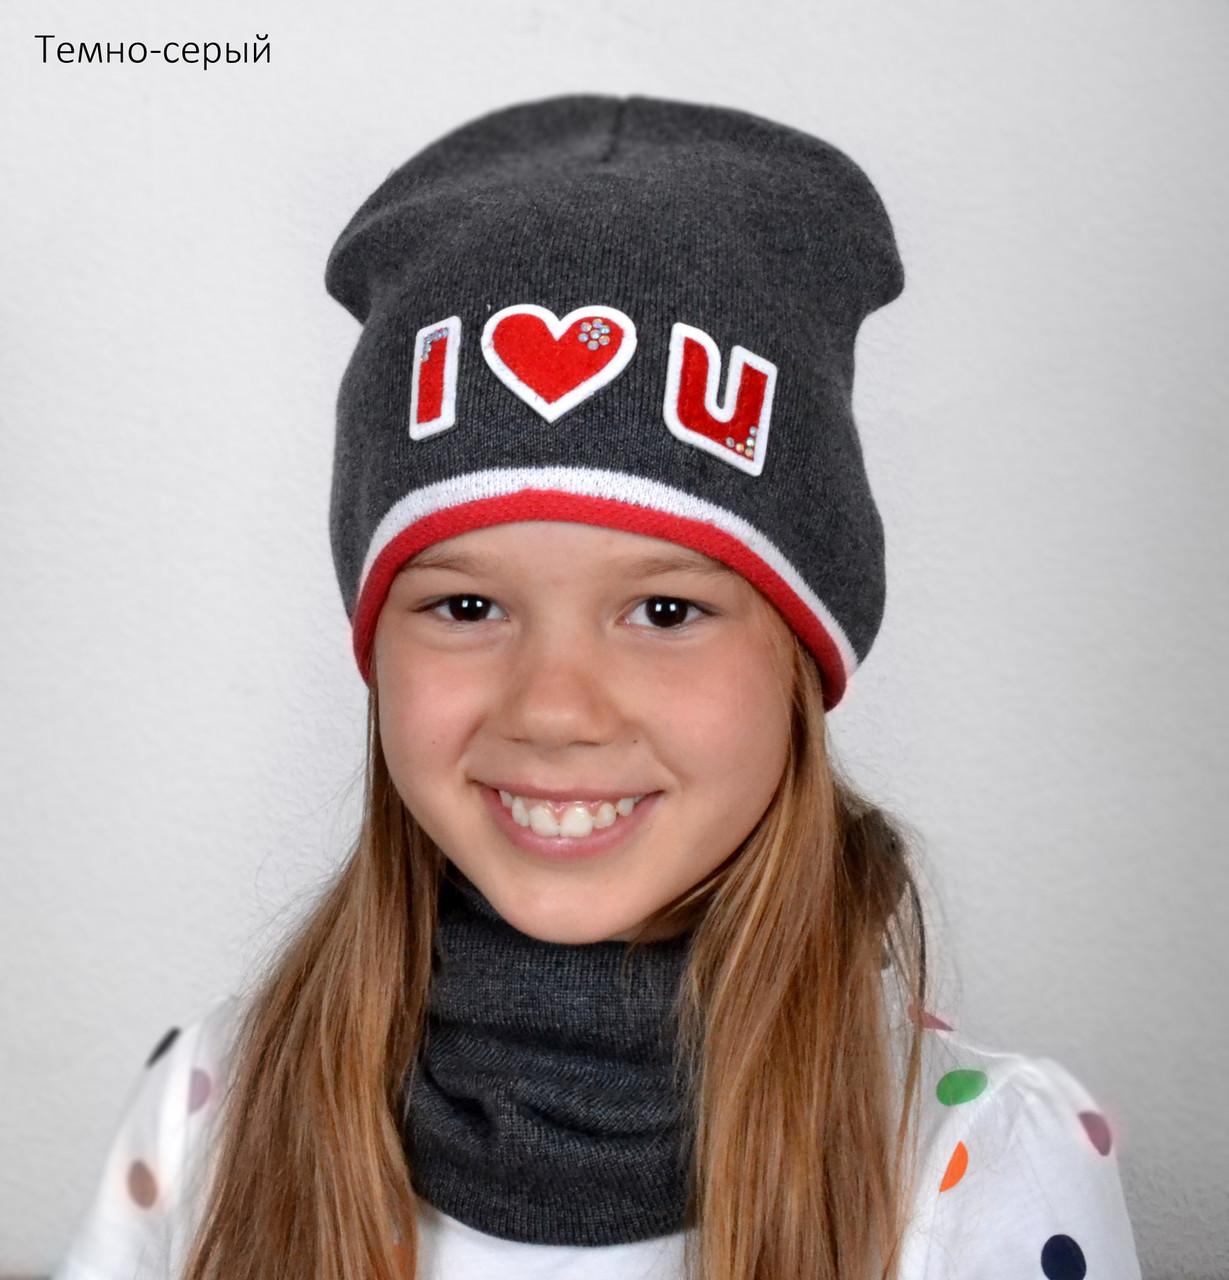 Стильная шапка с вышивкой I ❤ U